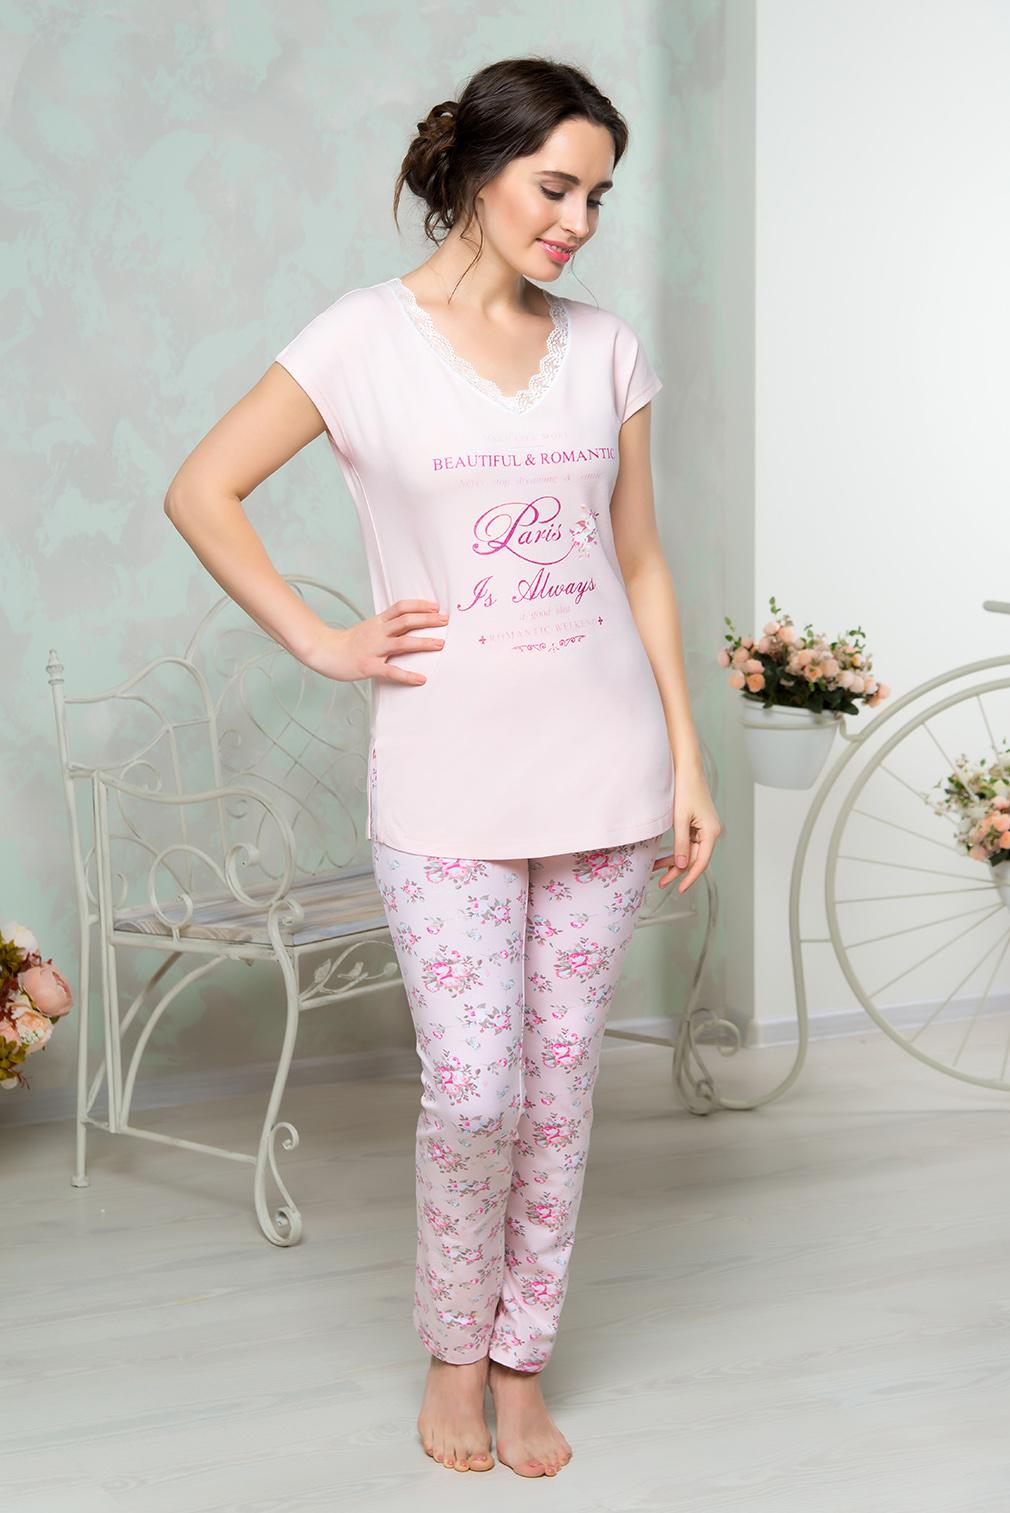 Комплект домашний женский Mia Cara: футболка, брюки, цвет: розовый. AW16-MCUZ-846. Размер 54/56AW16-MCUZ-846Комплект домашний одежды Mia Cara состоит из футболки и брюк. Модель выполнена из высококачественного хлопка с добавлением эластана. Футболка с V-образной горловиной дополнена кружевом и принтом с надписями. Брюки оформлены цветочным принтом.